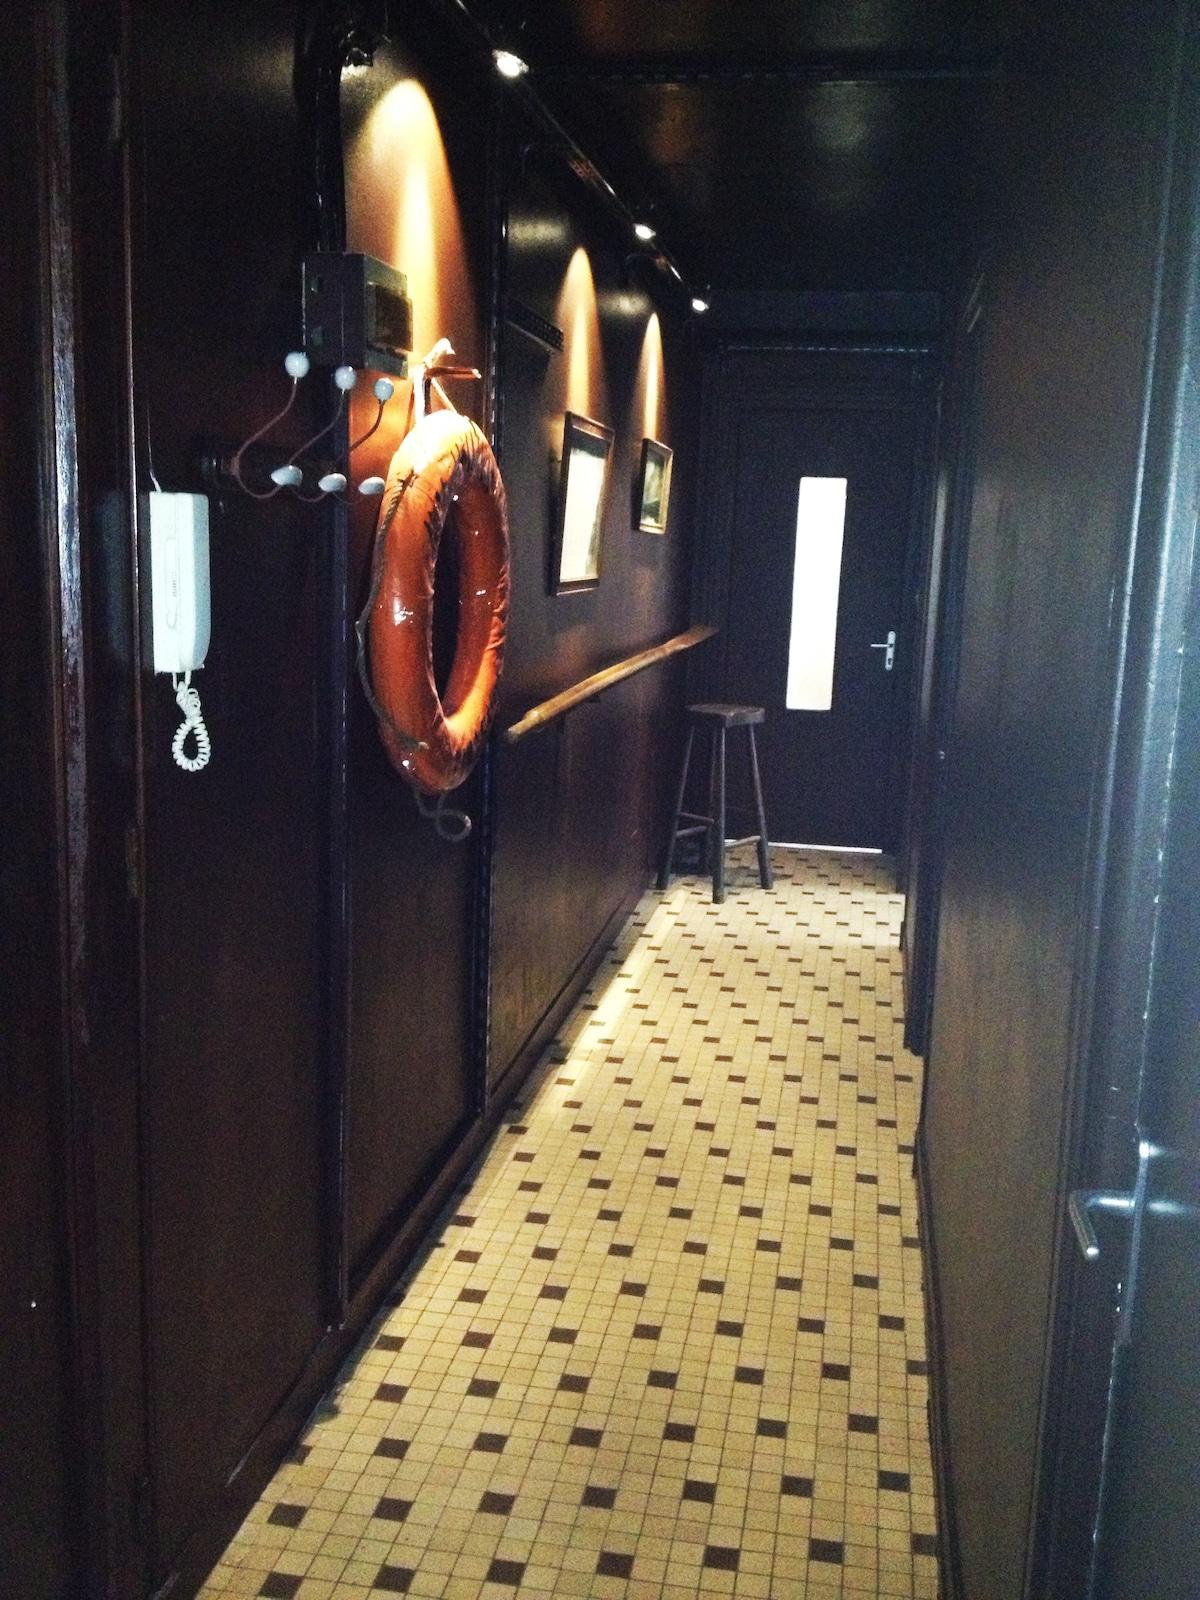 Lorsque vous rentrez dans ce superbe couloir,vous avez l'impression d'être dans une coursive de bateau! Que souhaiter de plus dans une ville de marins...